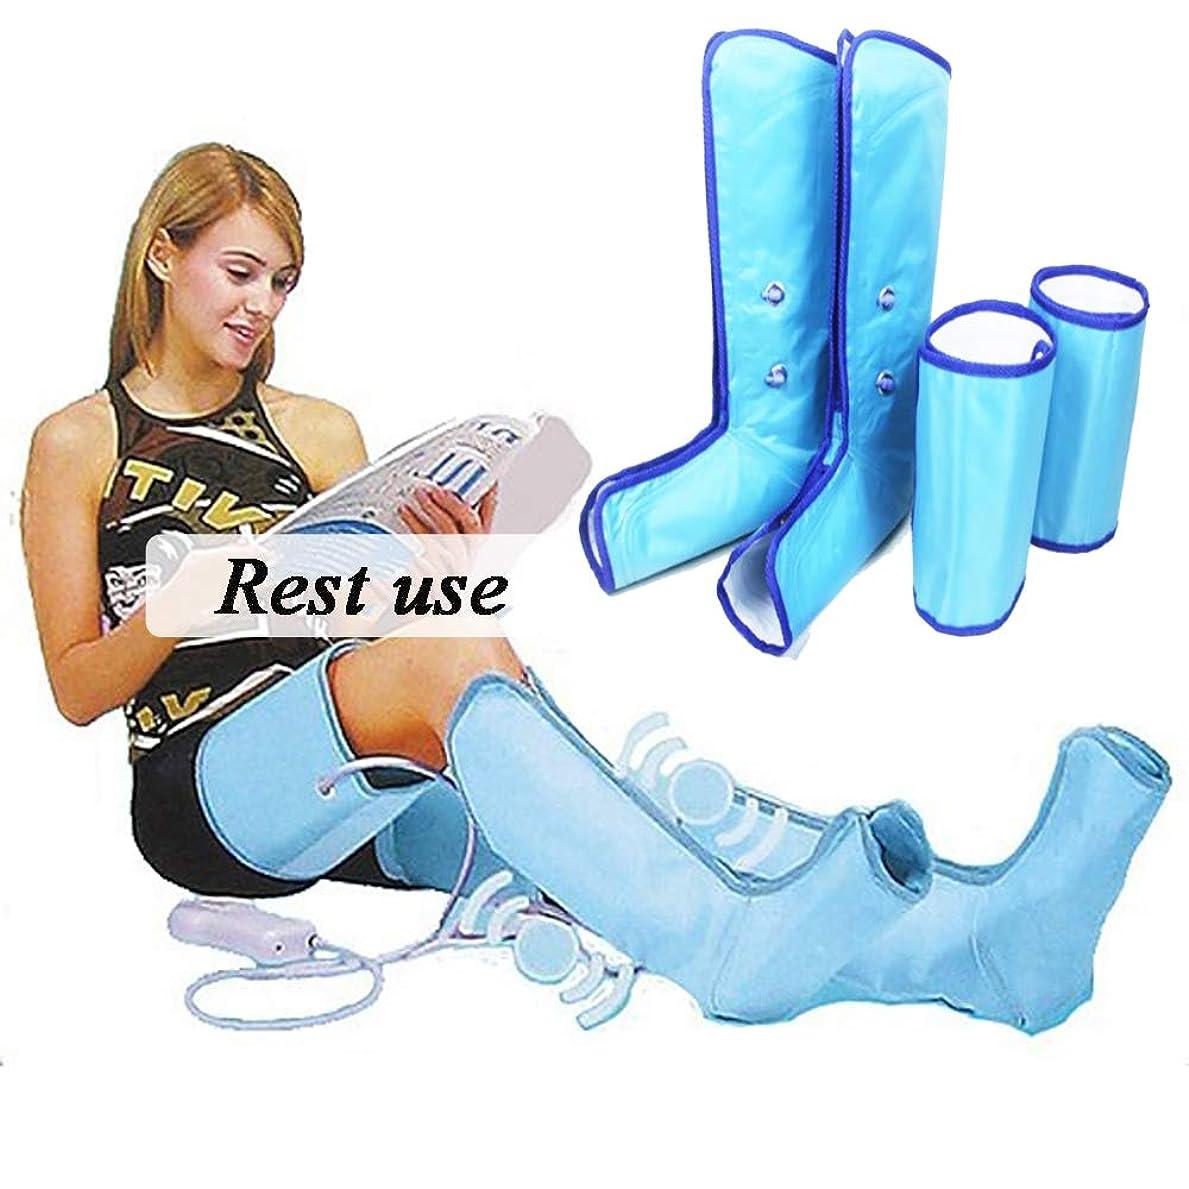 カバレッジ作詞家ぬるい足のマッサージトマッサージャー循環と筋肉のリラクゼーションに役立つ足とふくらはぎの空気圧縮マッサージを備えたレッグマッサージャー